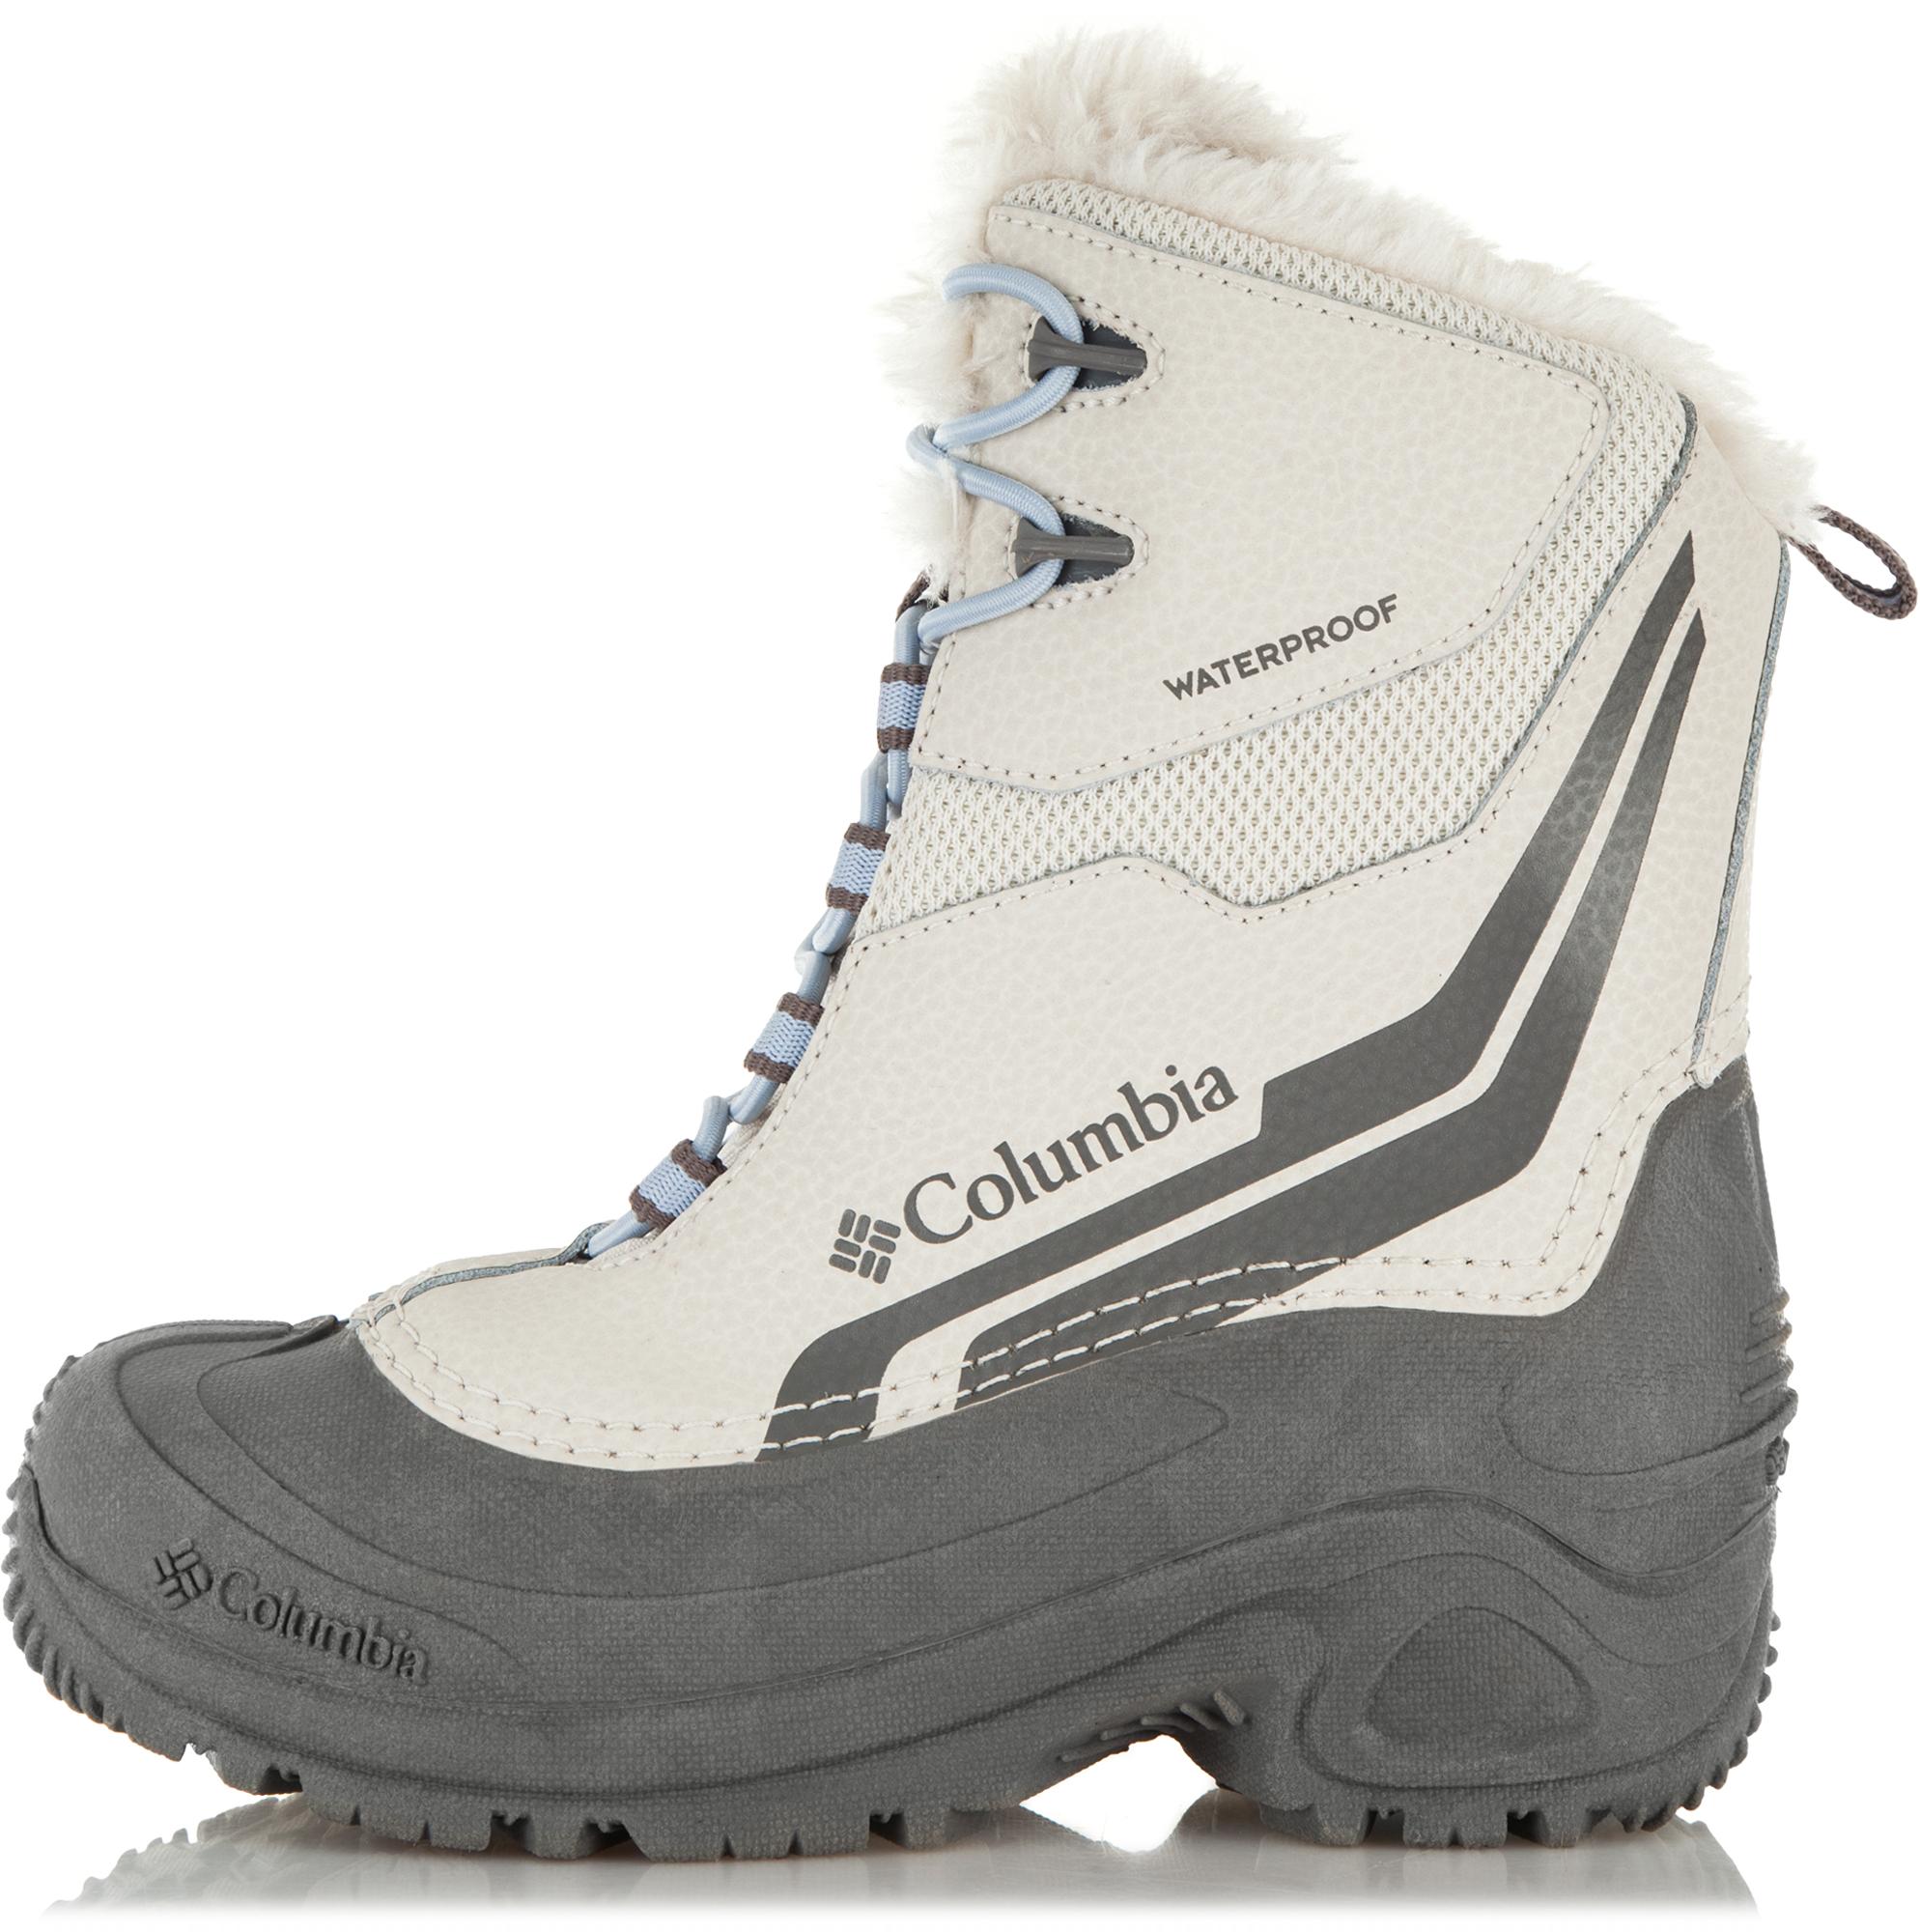 Columbia Ботинки утепленные для девочек Columbia Youth Buga Plus Iv, размер 36 недорого